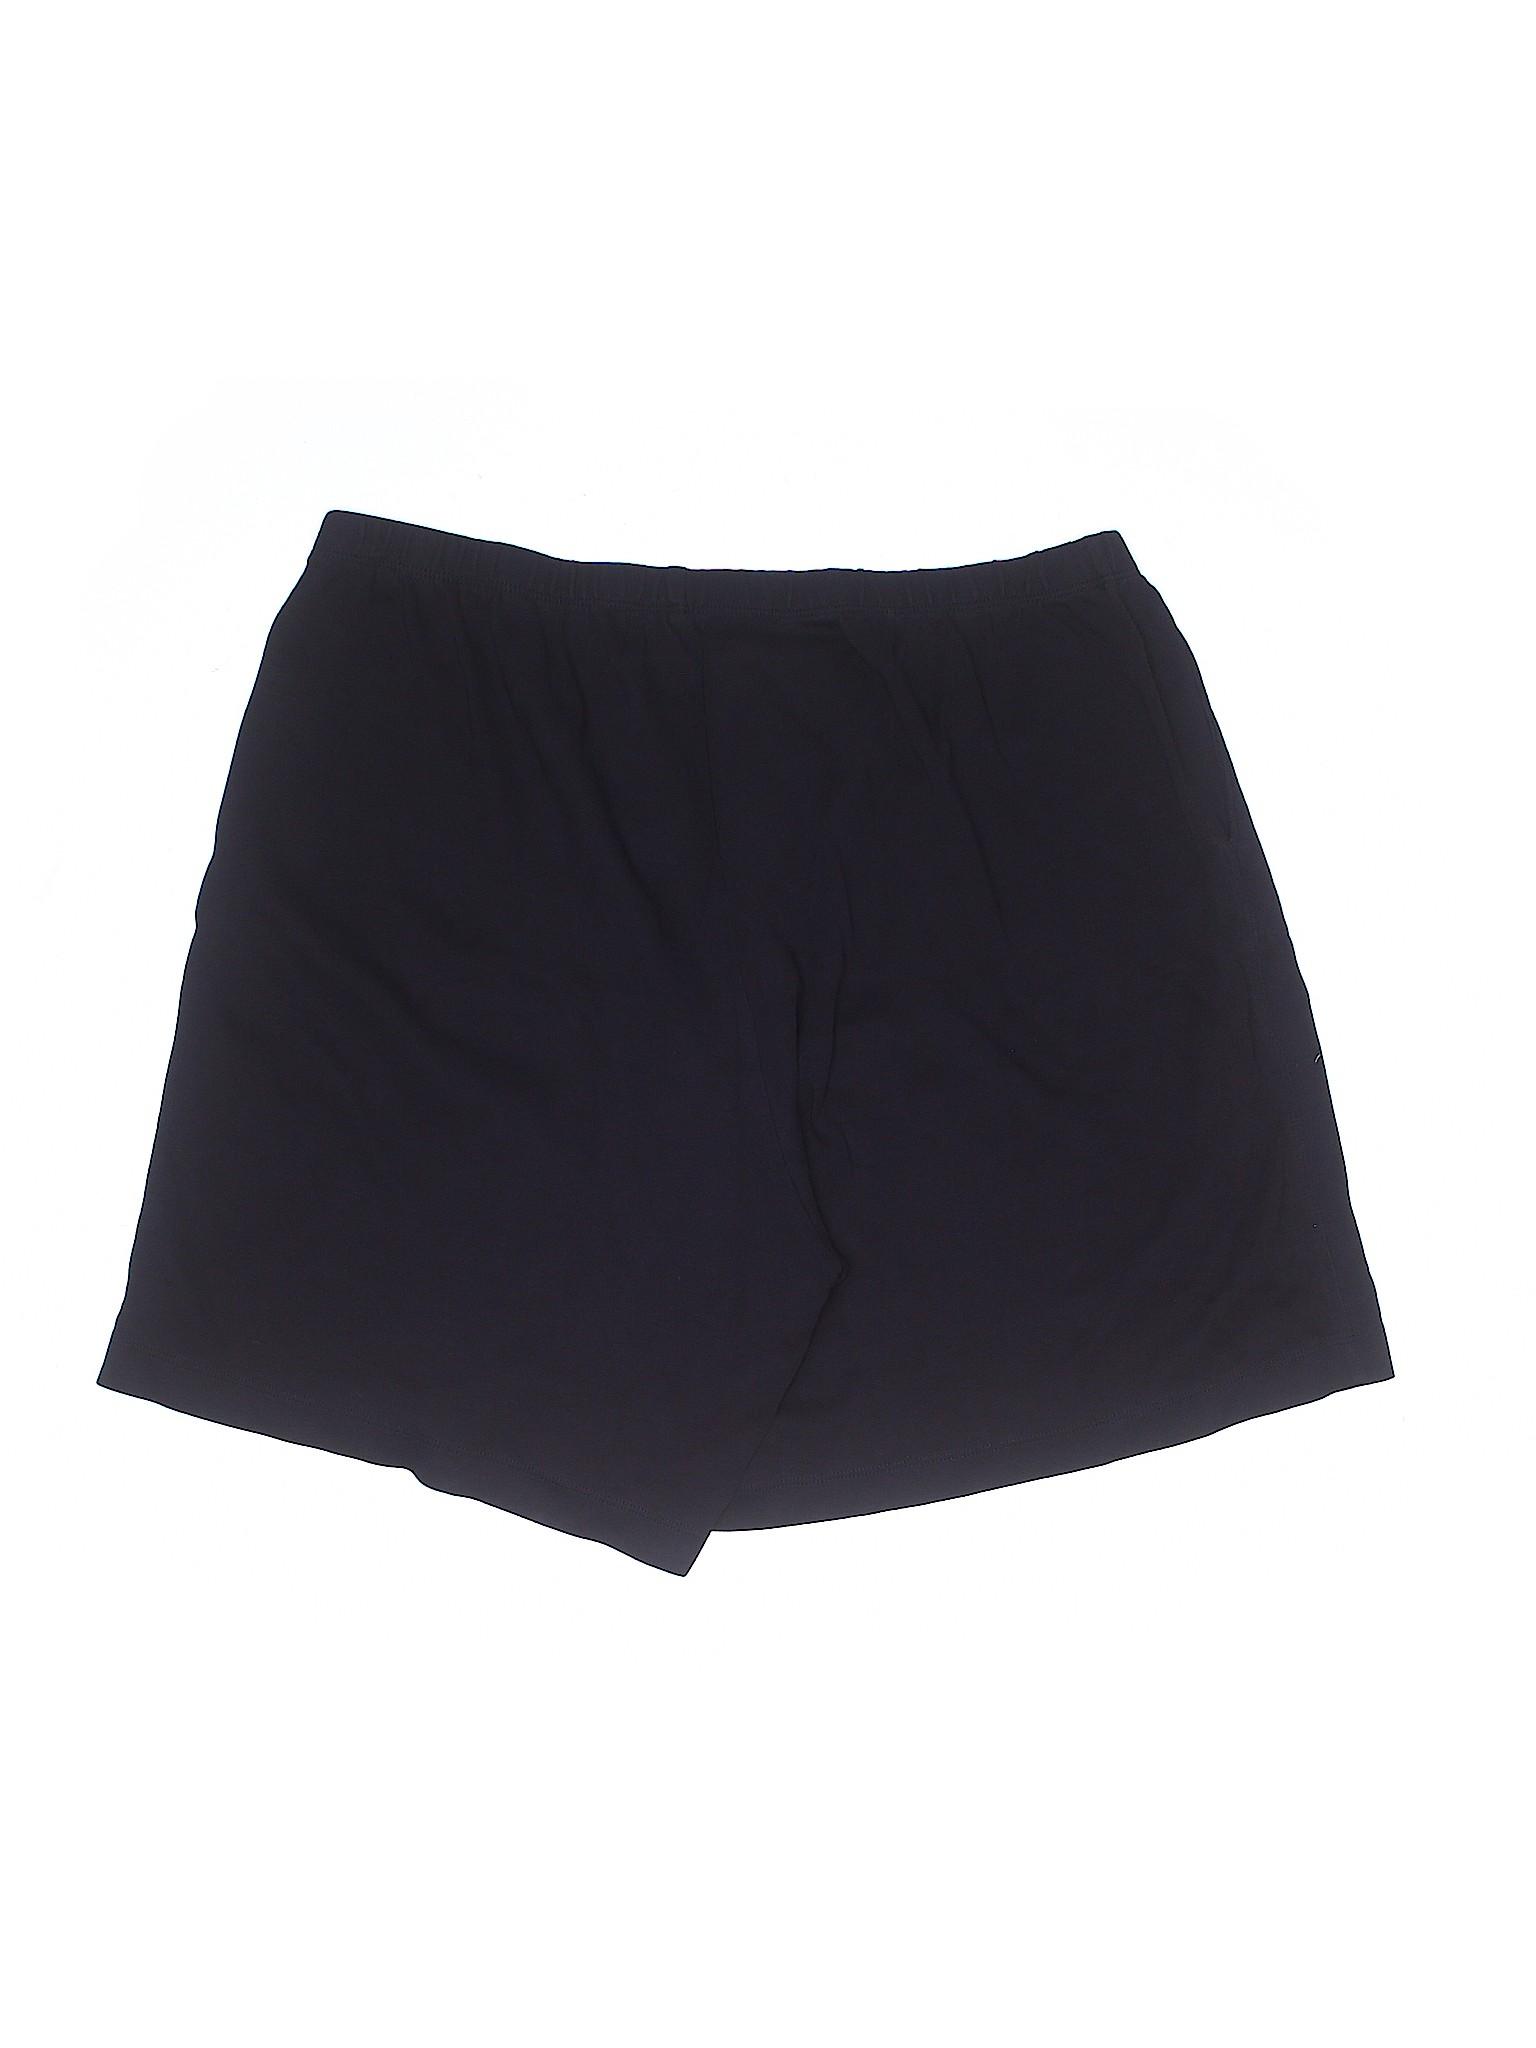 Shorts Boutique Boutique End Lands' Lands' Uxqn4